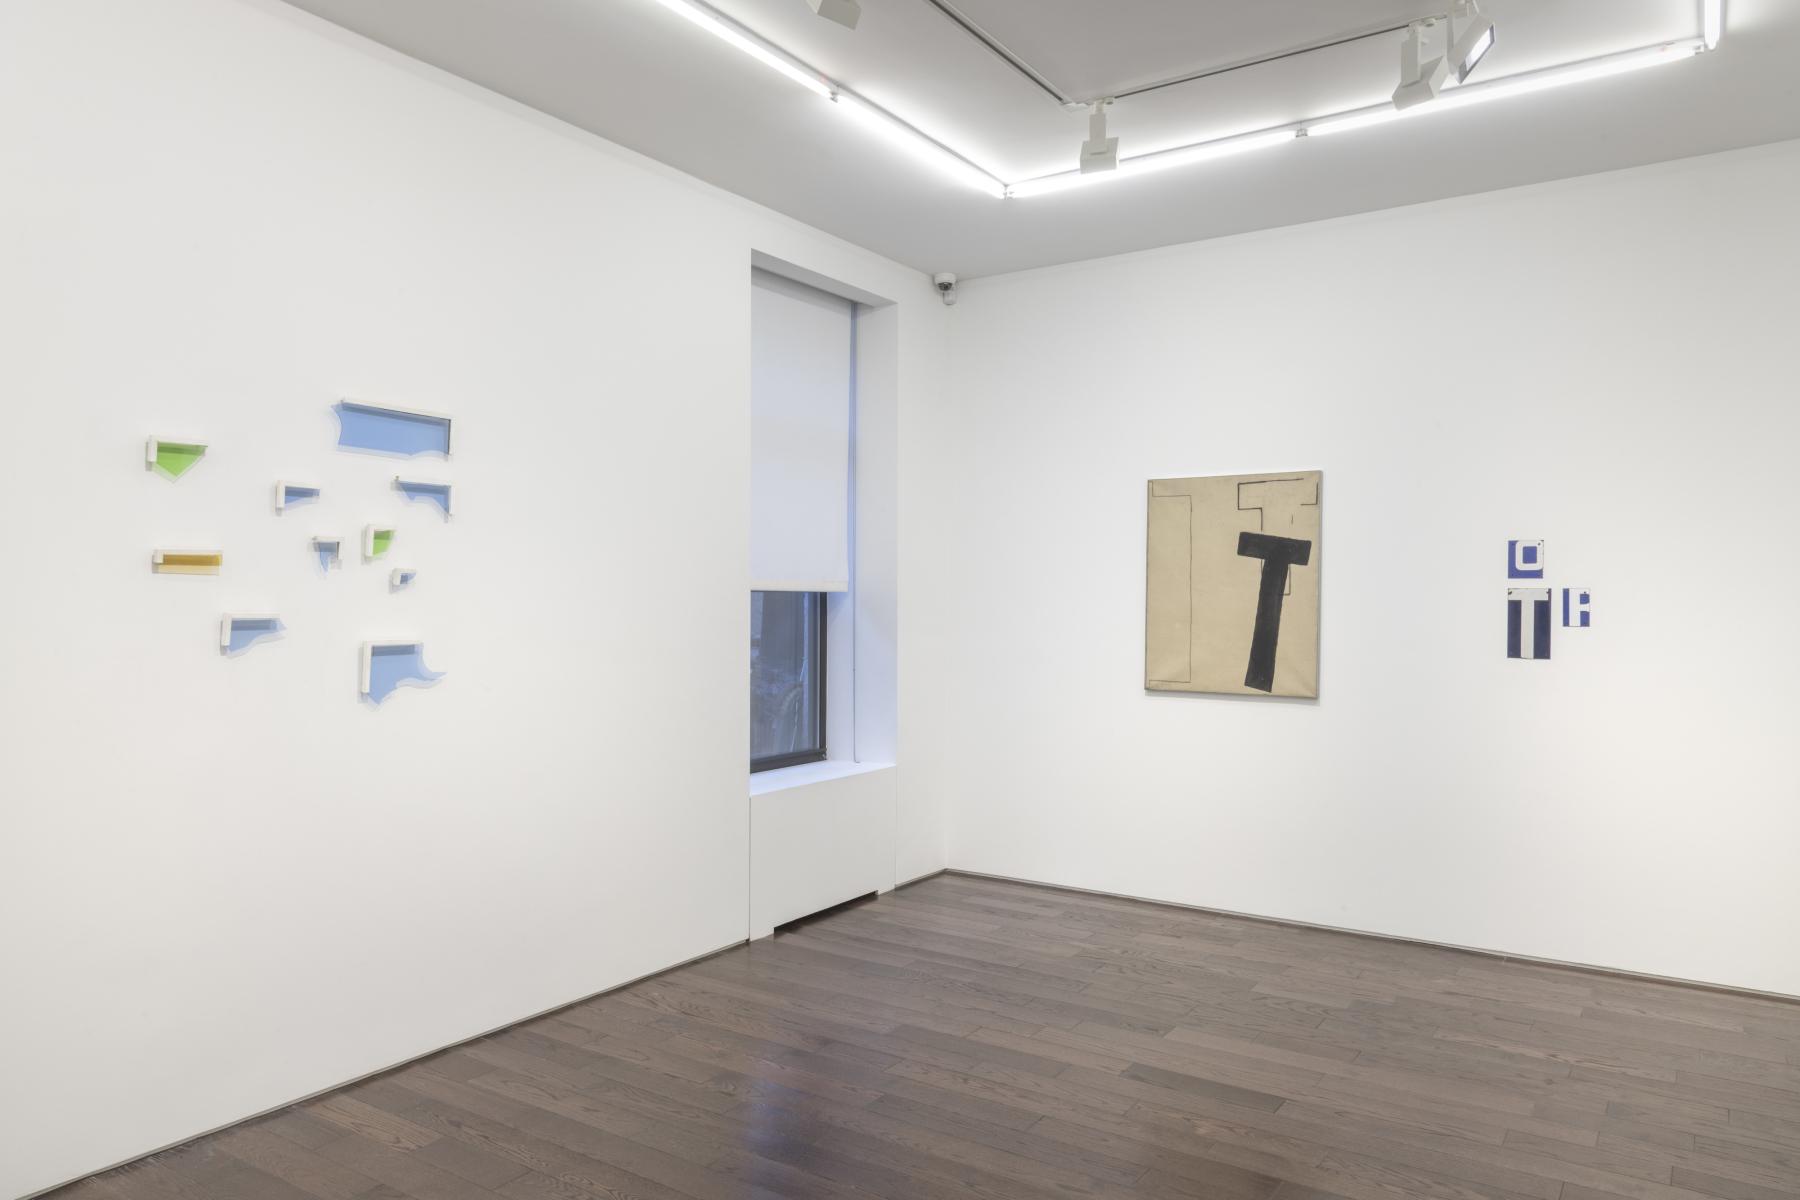 9_Pierre Buraglio 2019 New York 1103